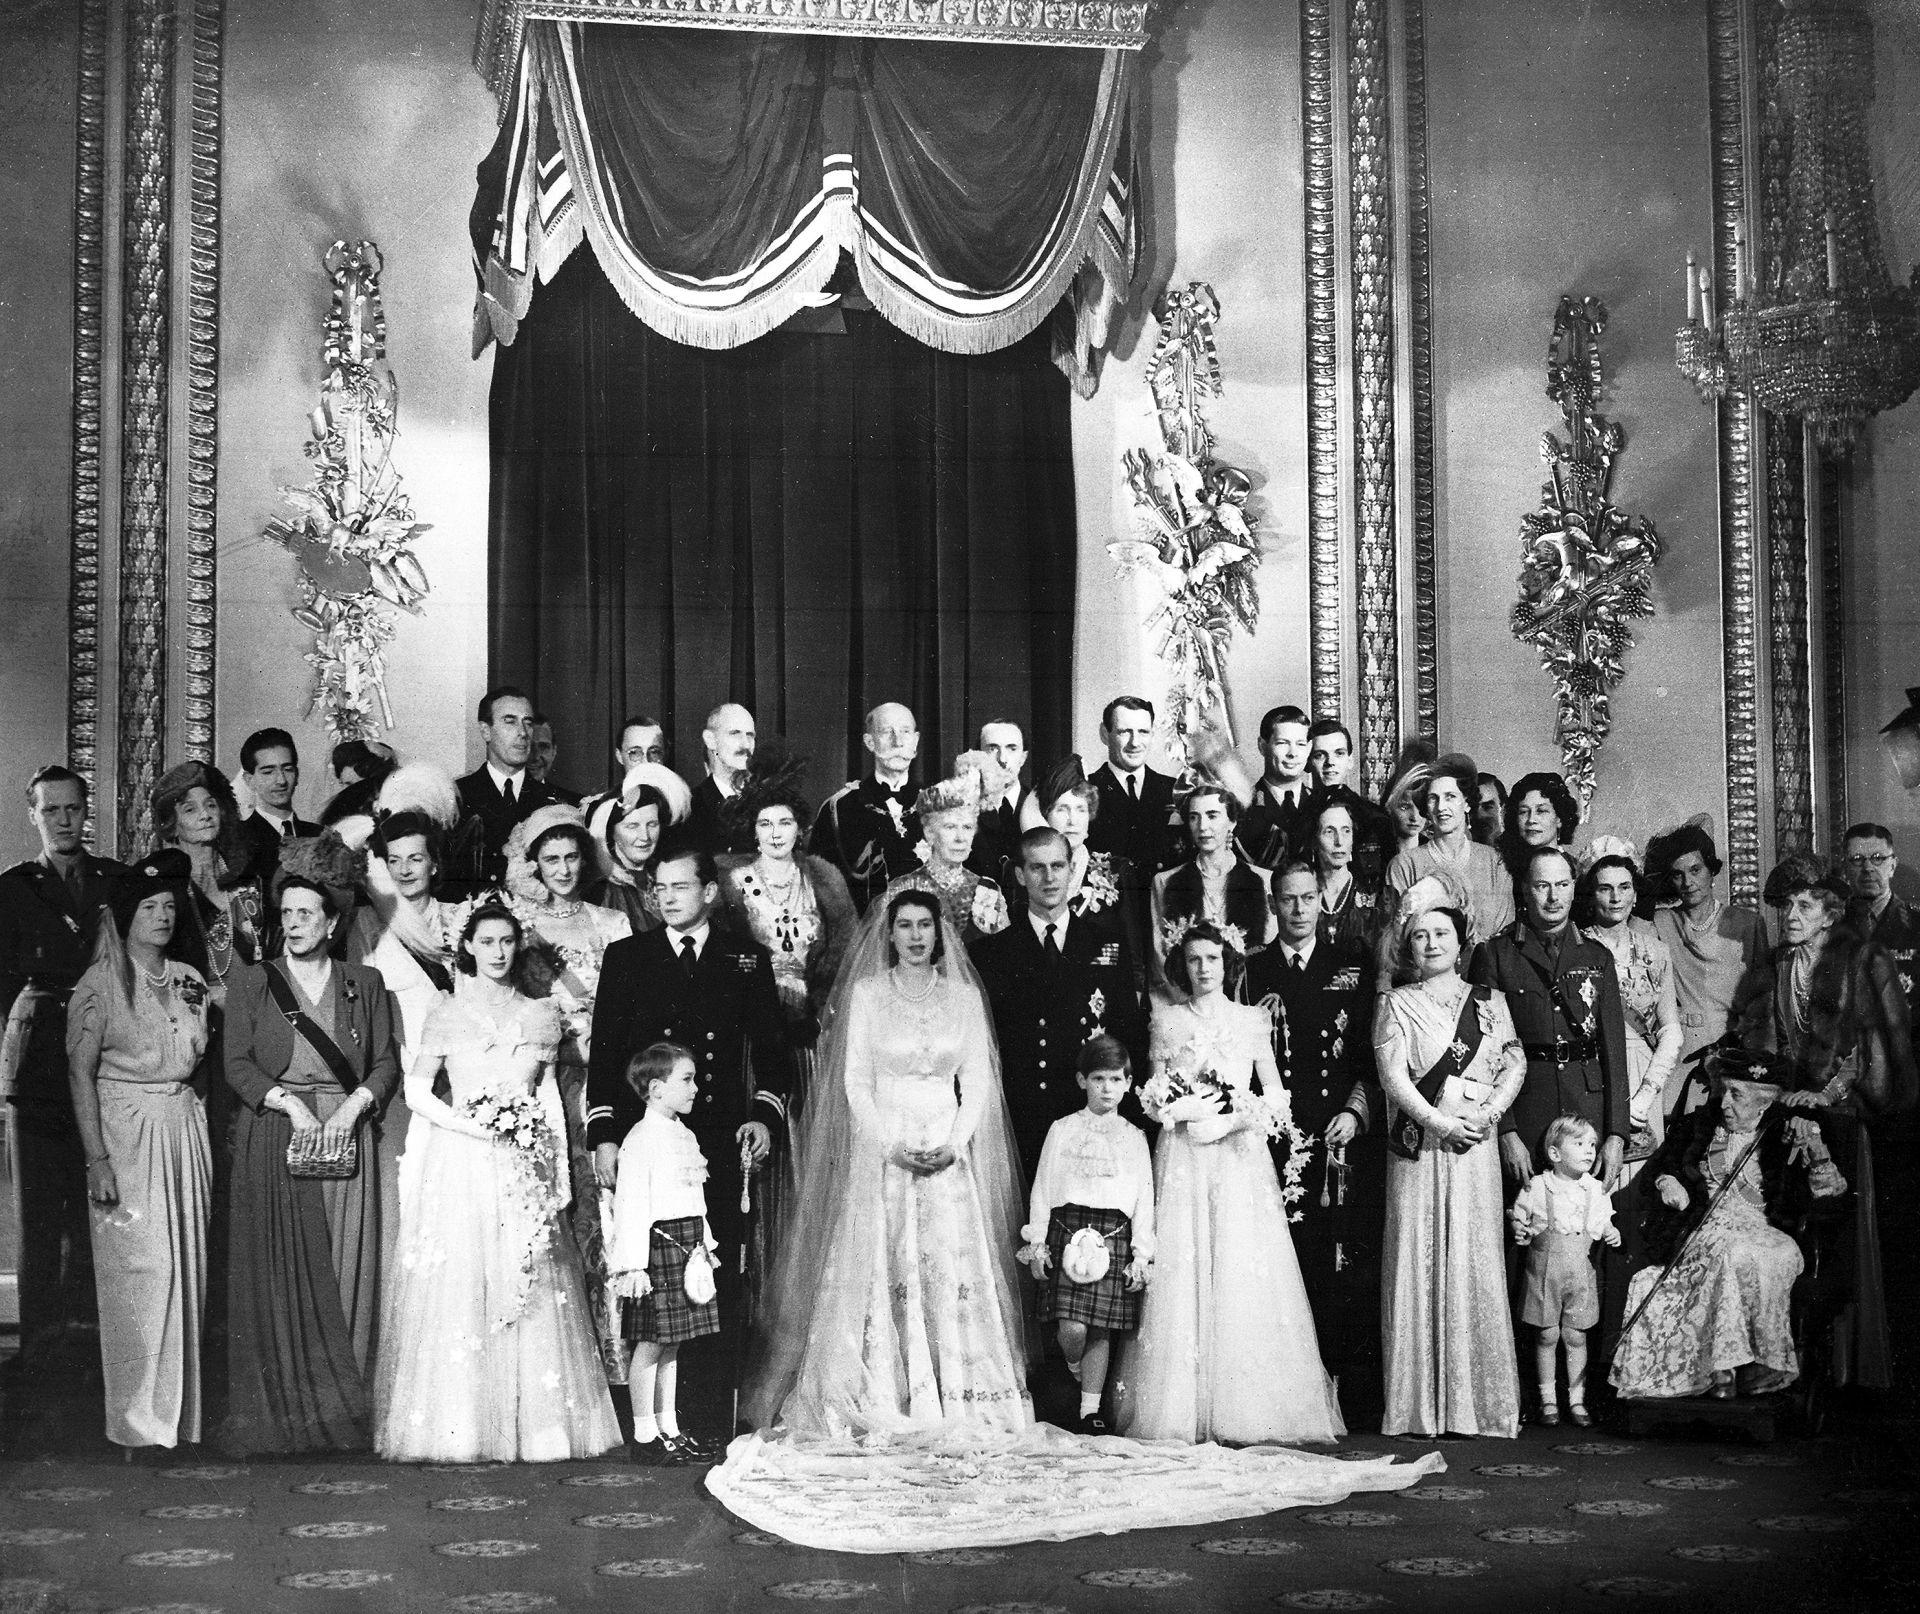 Сватбата на принц Филип и Елизабет втора - 20 ноември 1947 г.